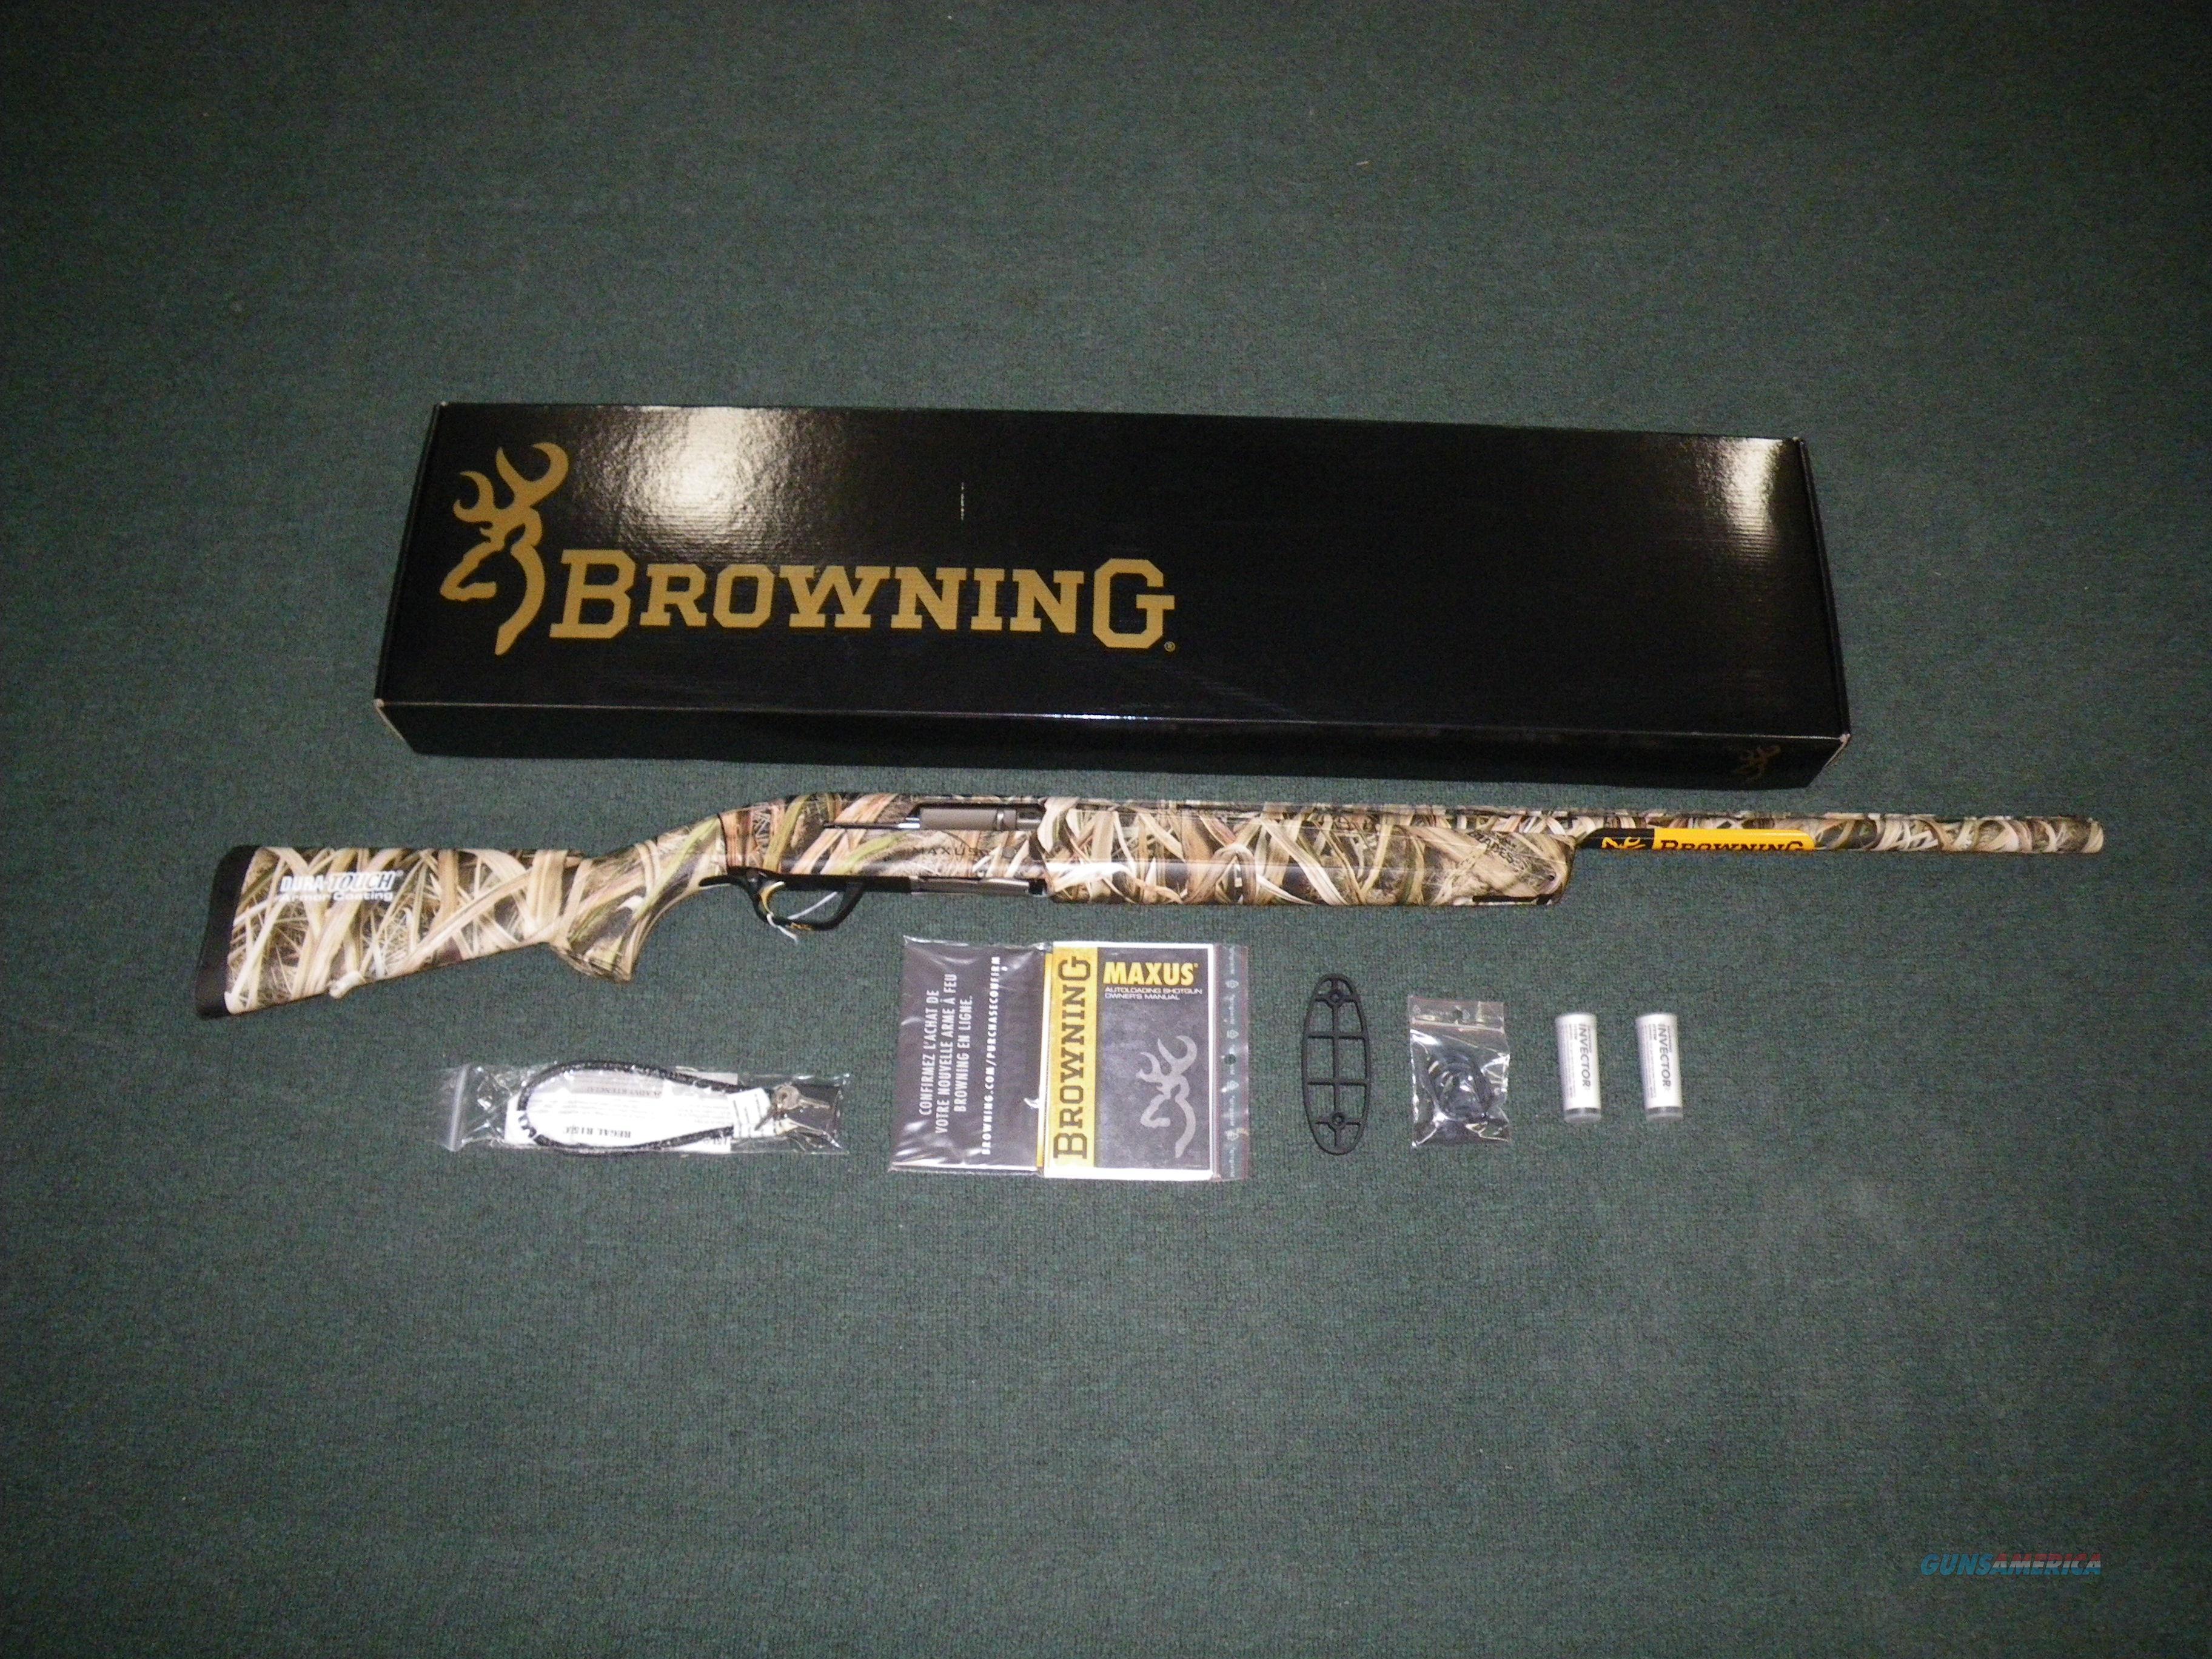 """Browning Maxus Mossy Oak Shadow Grass 12ga 28"""" NEW 011645204  Guns > Shotguns > Browning Shotguns > Autoloaders > Hunting"""